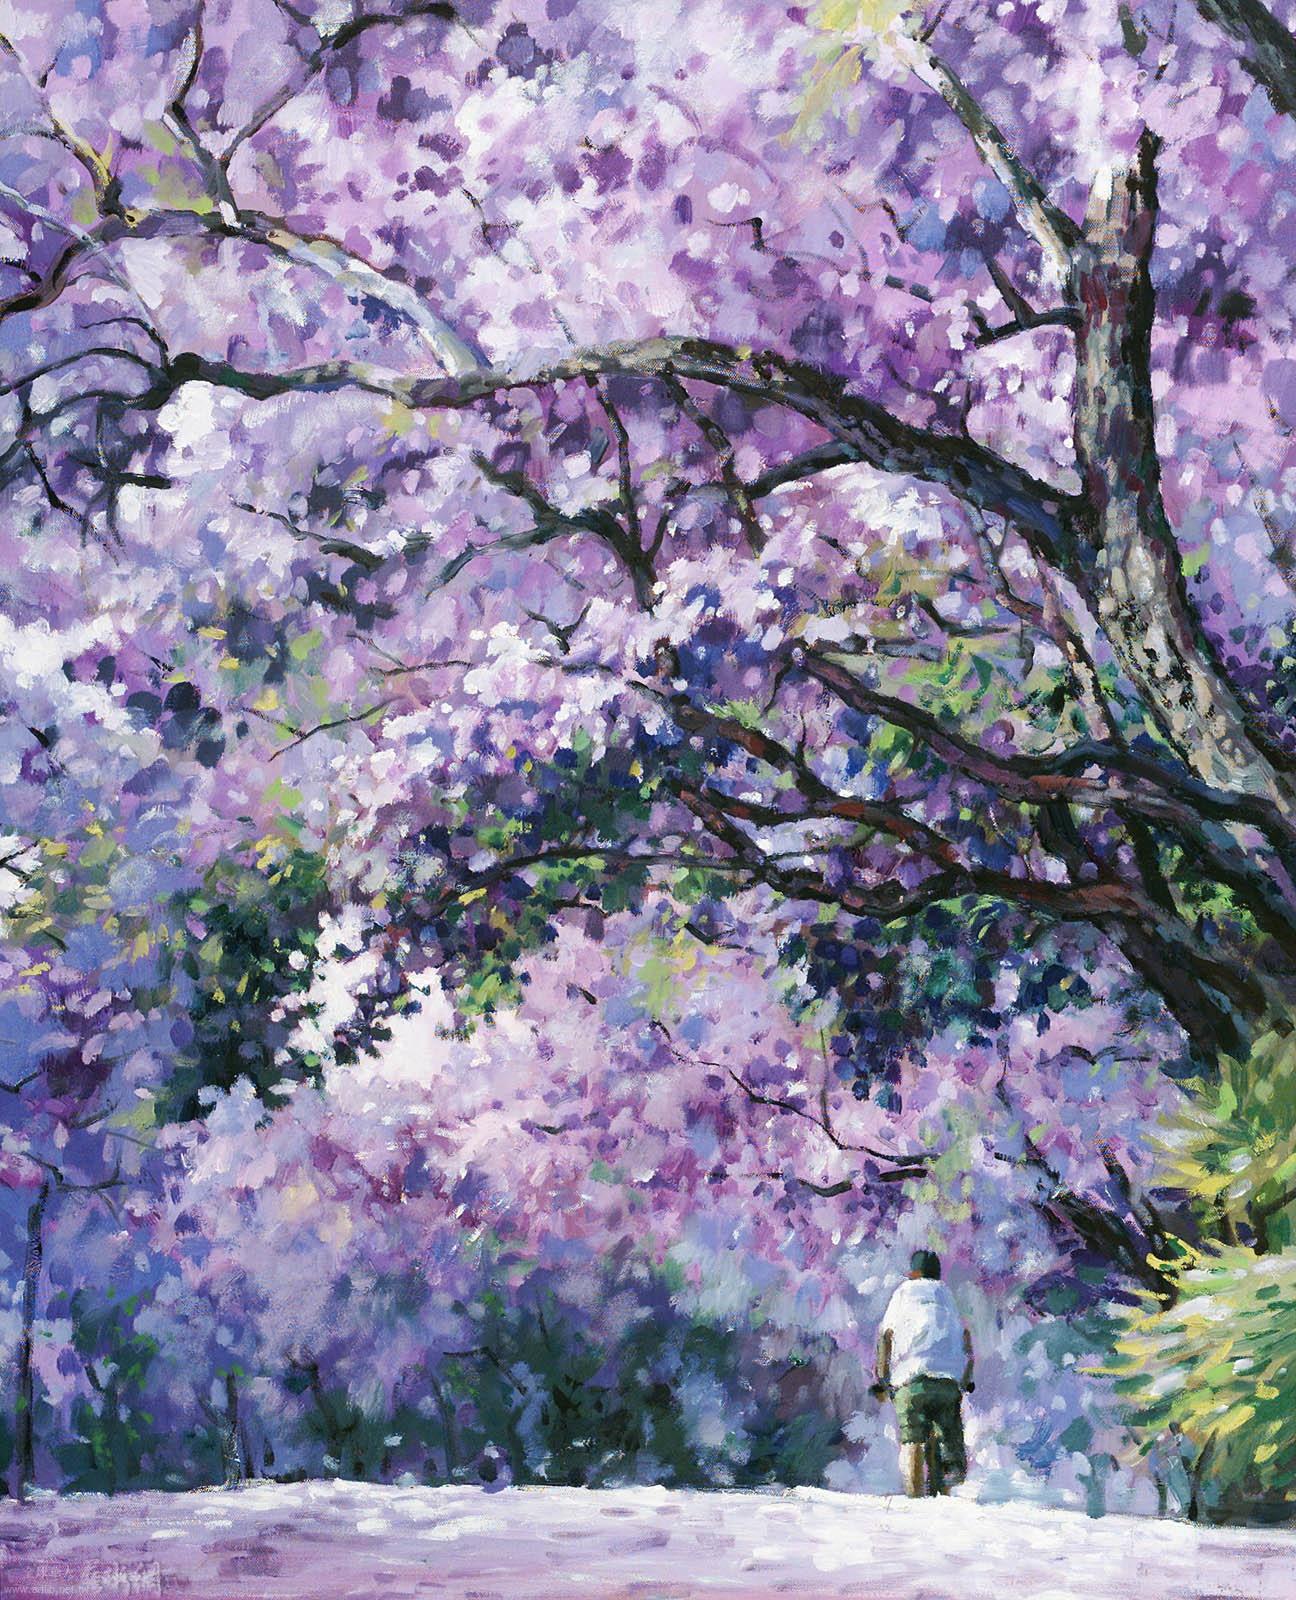 原创 给心情涂上紫色 - 梦幻之旅 - 梦幻之旅